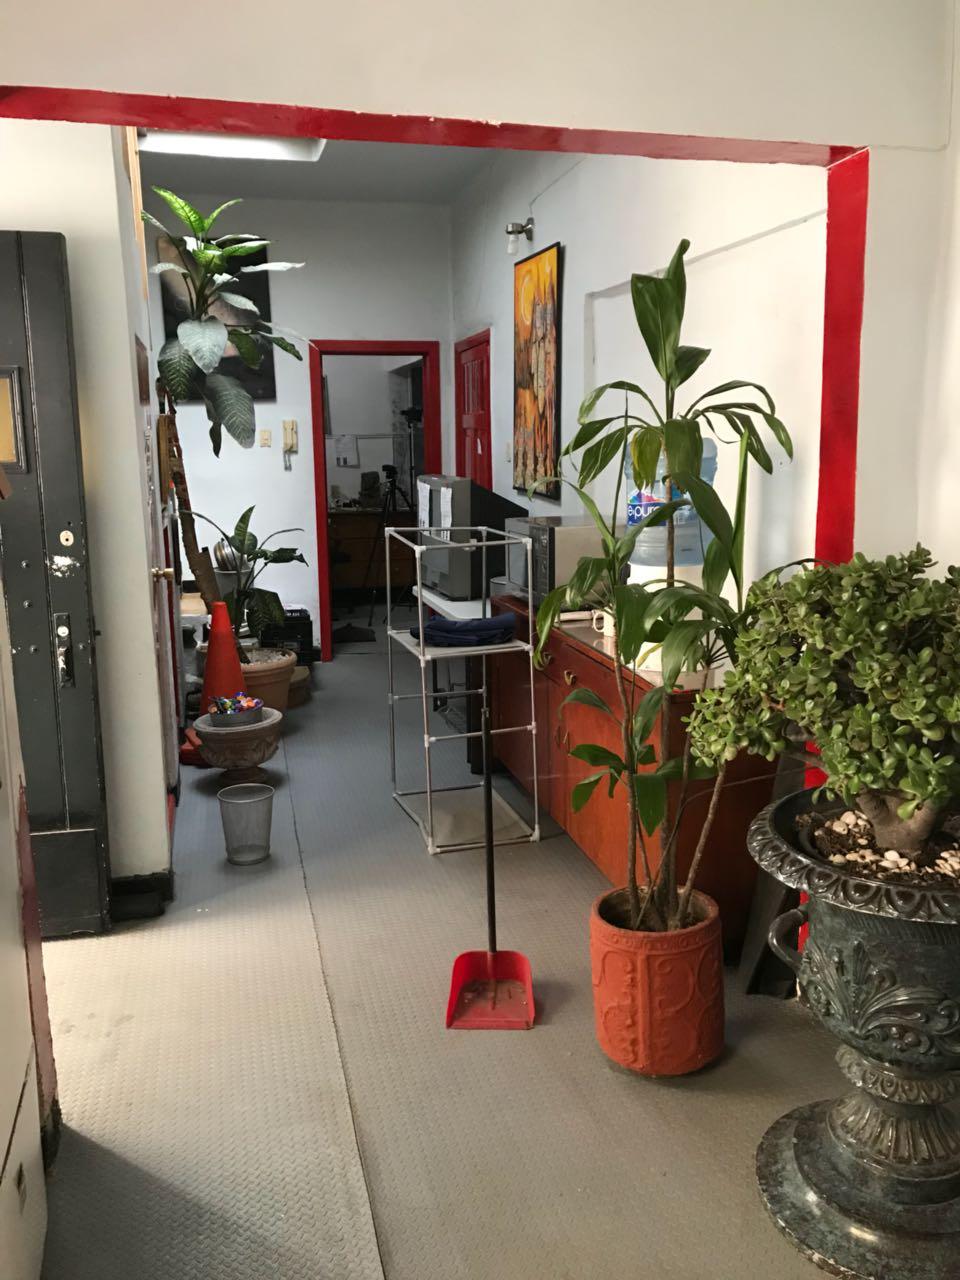 Se venden 2 casas dúplex para remodelación o para inversión en la colonia Hipódromo Condesa